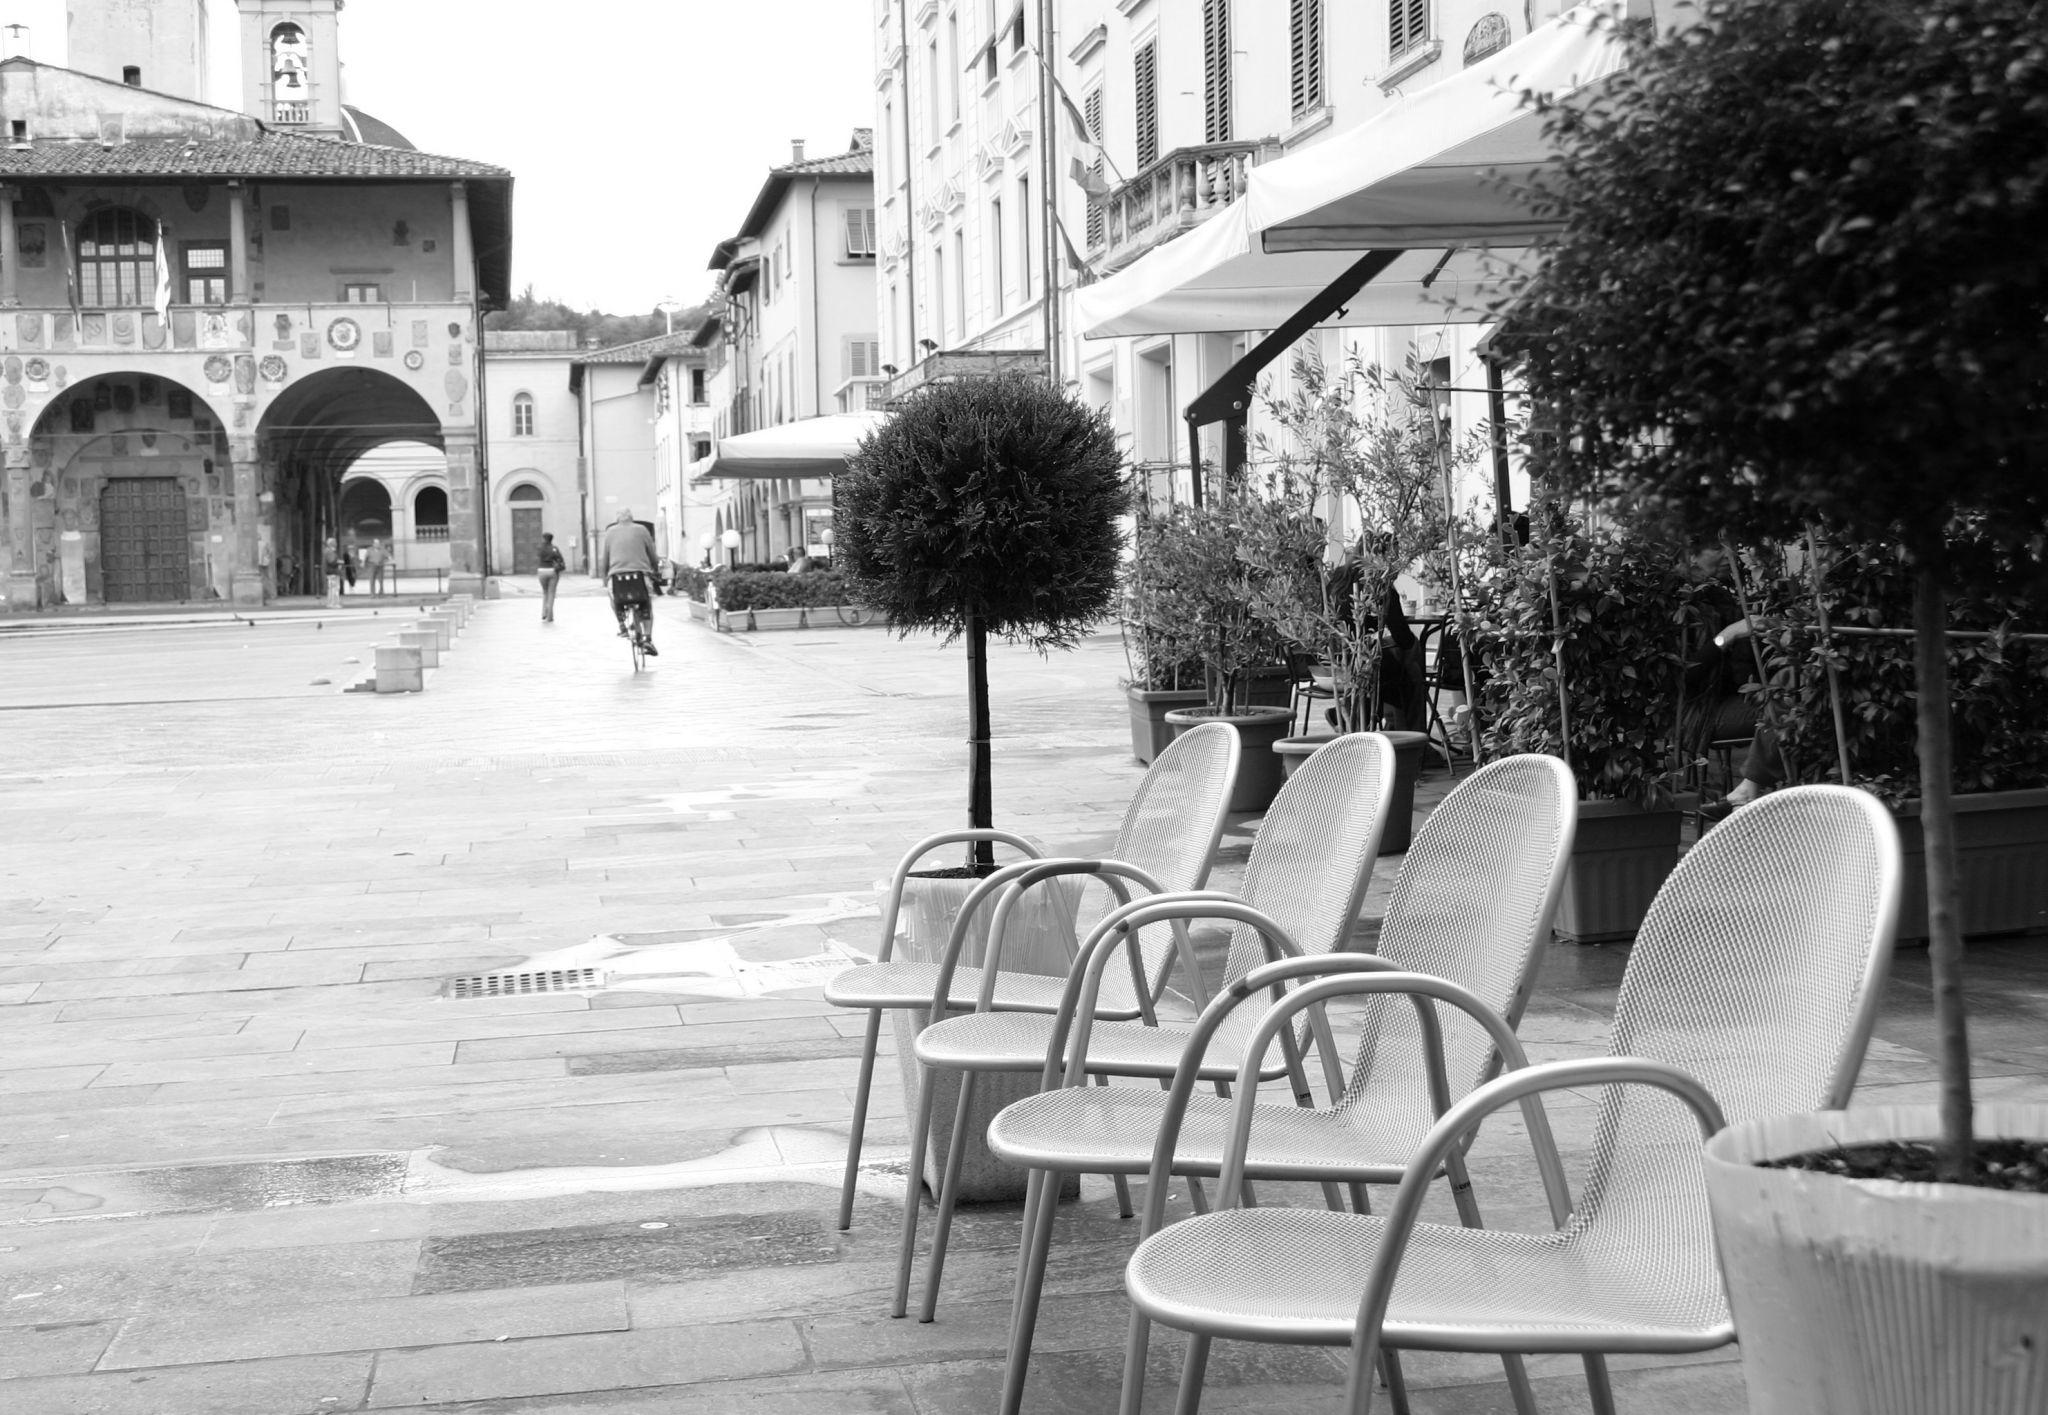 Piazza Cavour, San Giovanni Valdarno, Italy